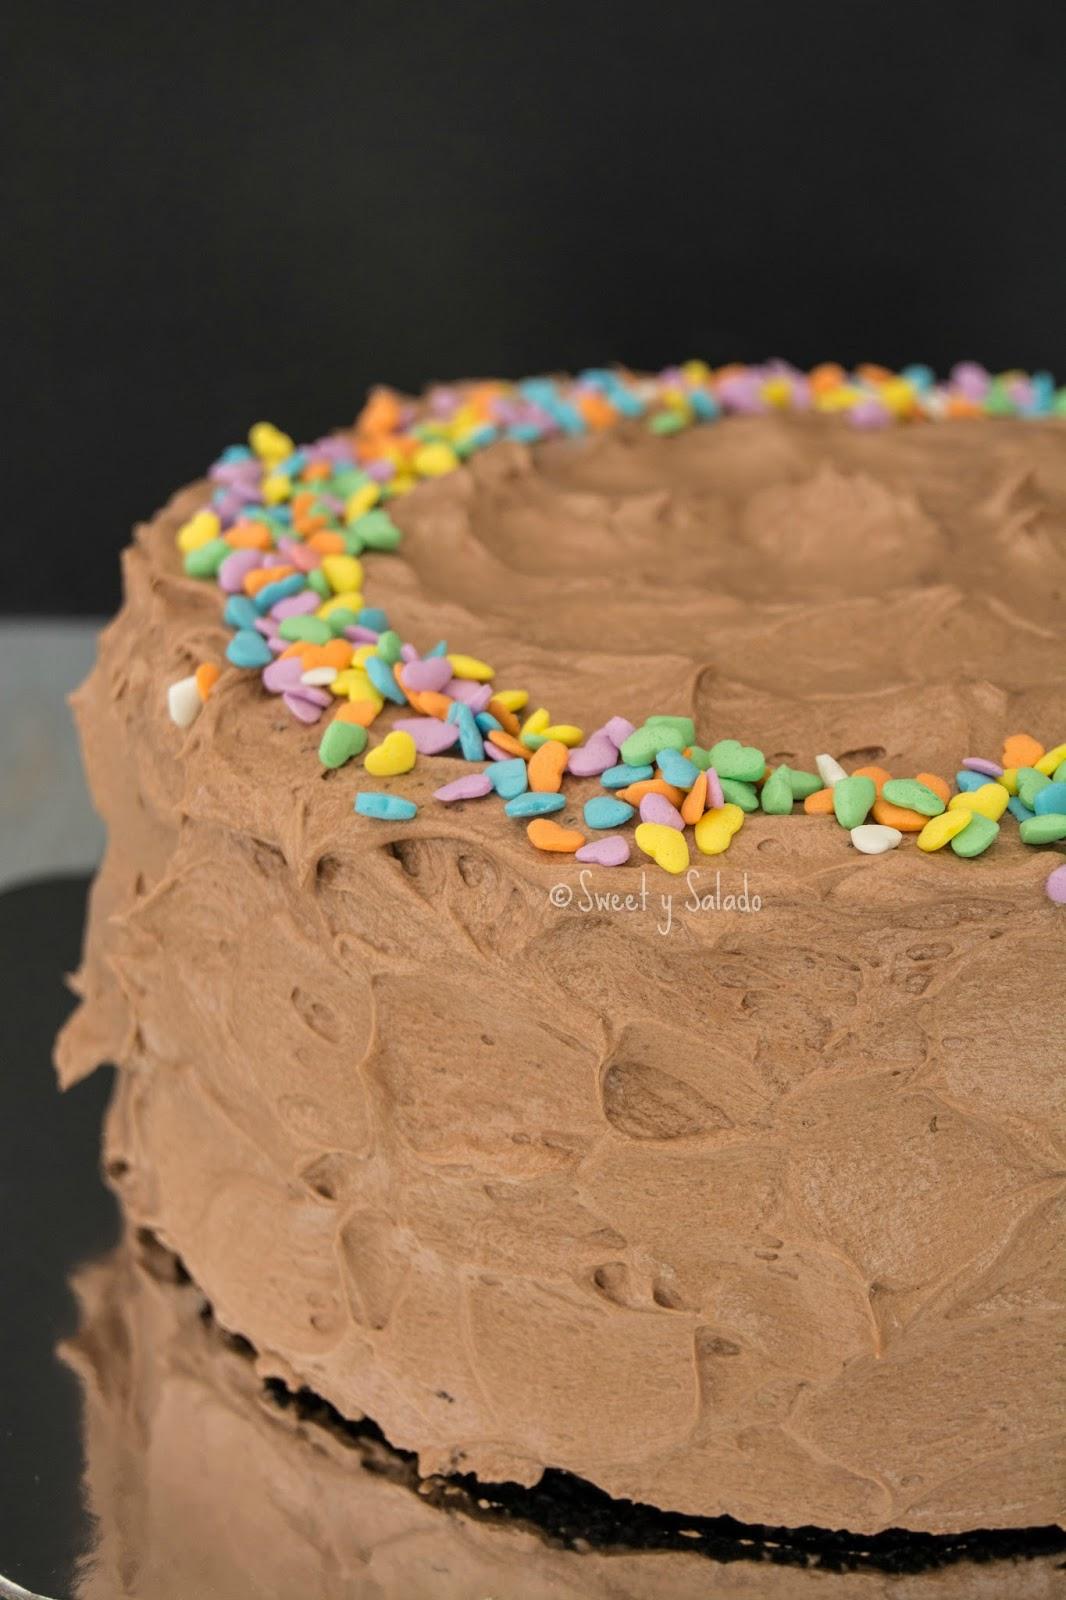 Sweet y Salado: Torta o Pastel de Chocolate